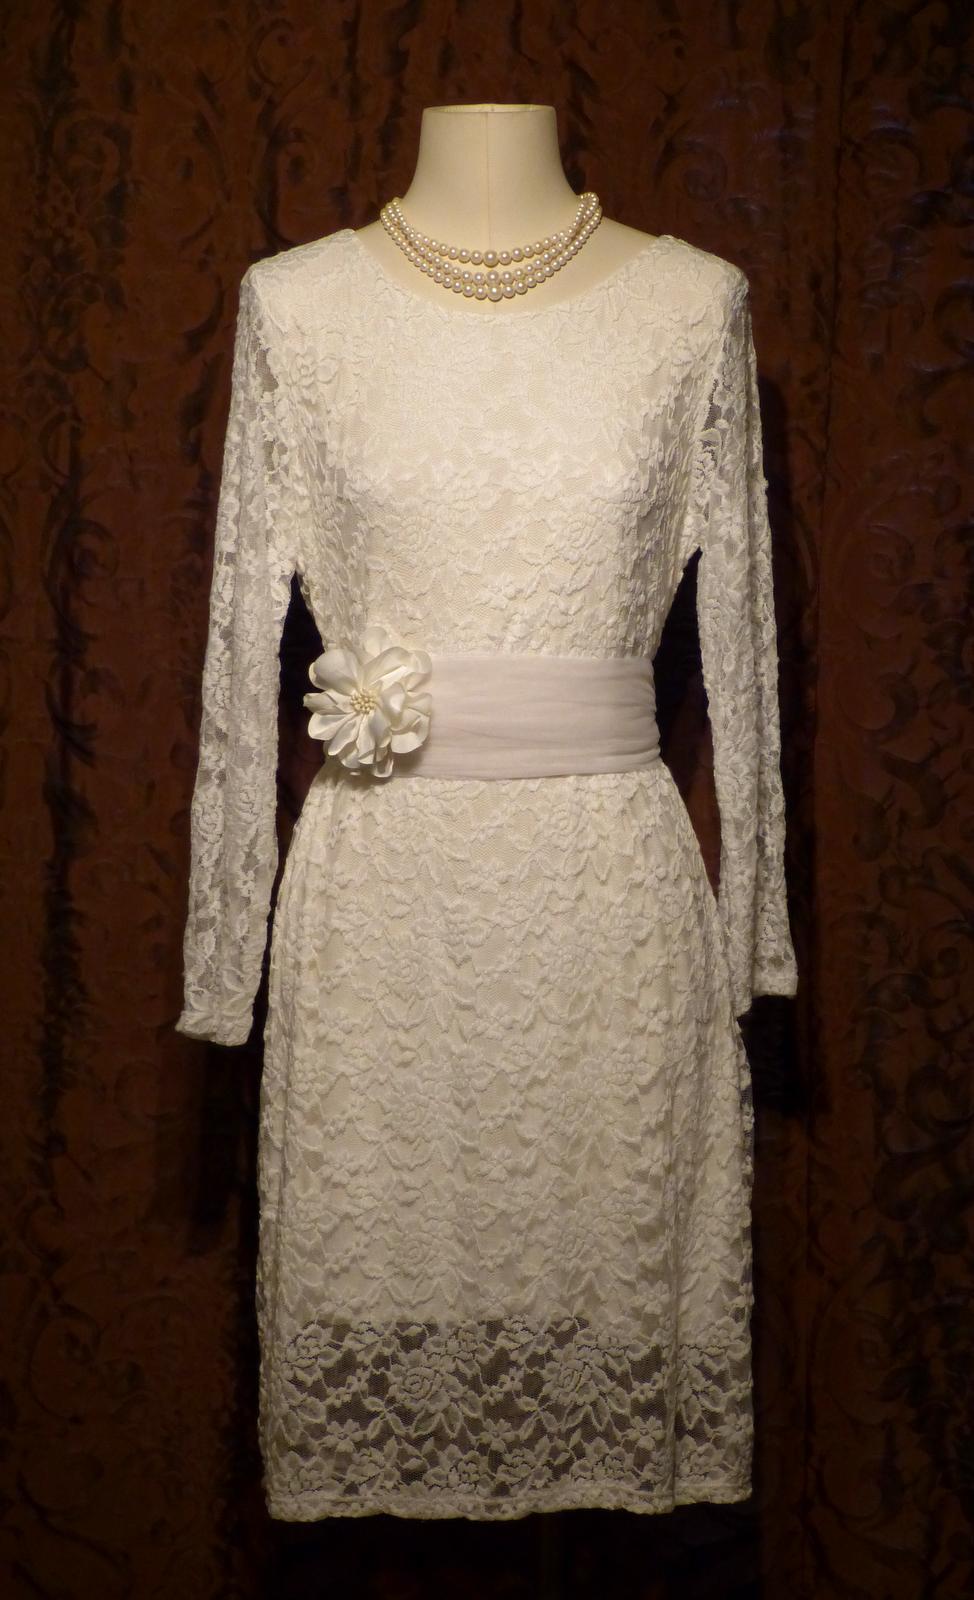 Location robe de mariée  Location-robe.com : location de robe